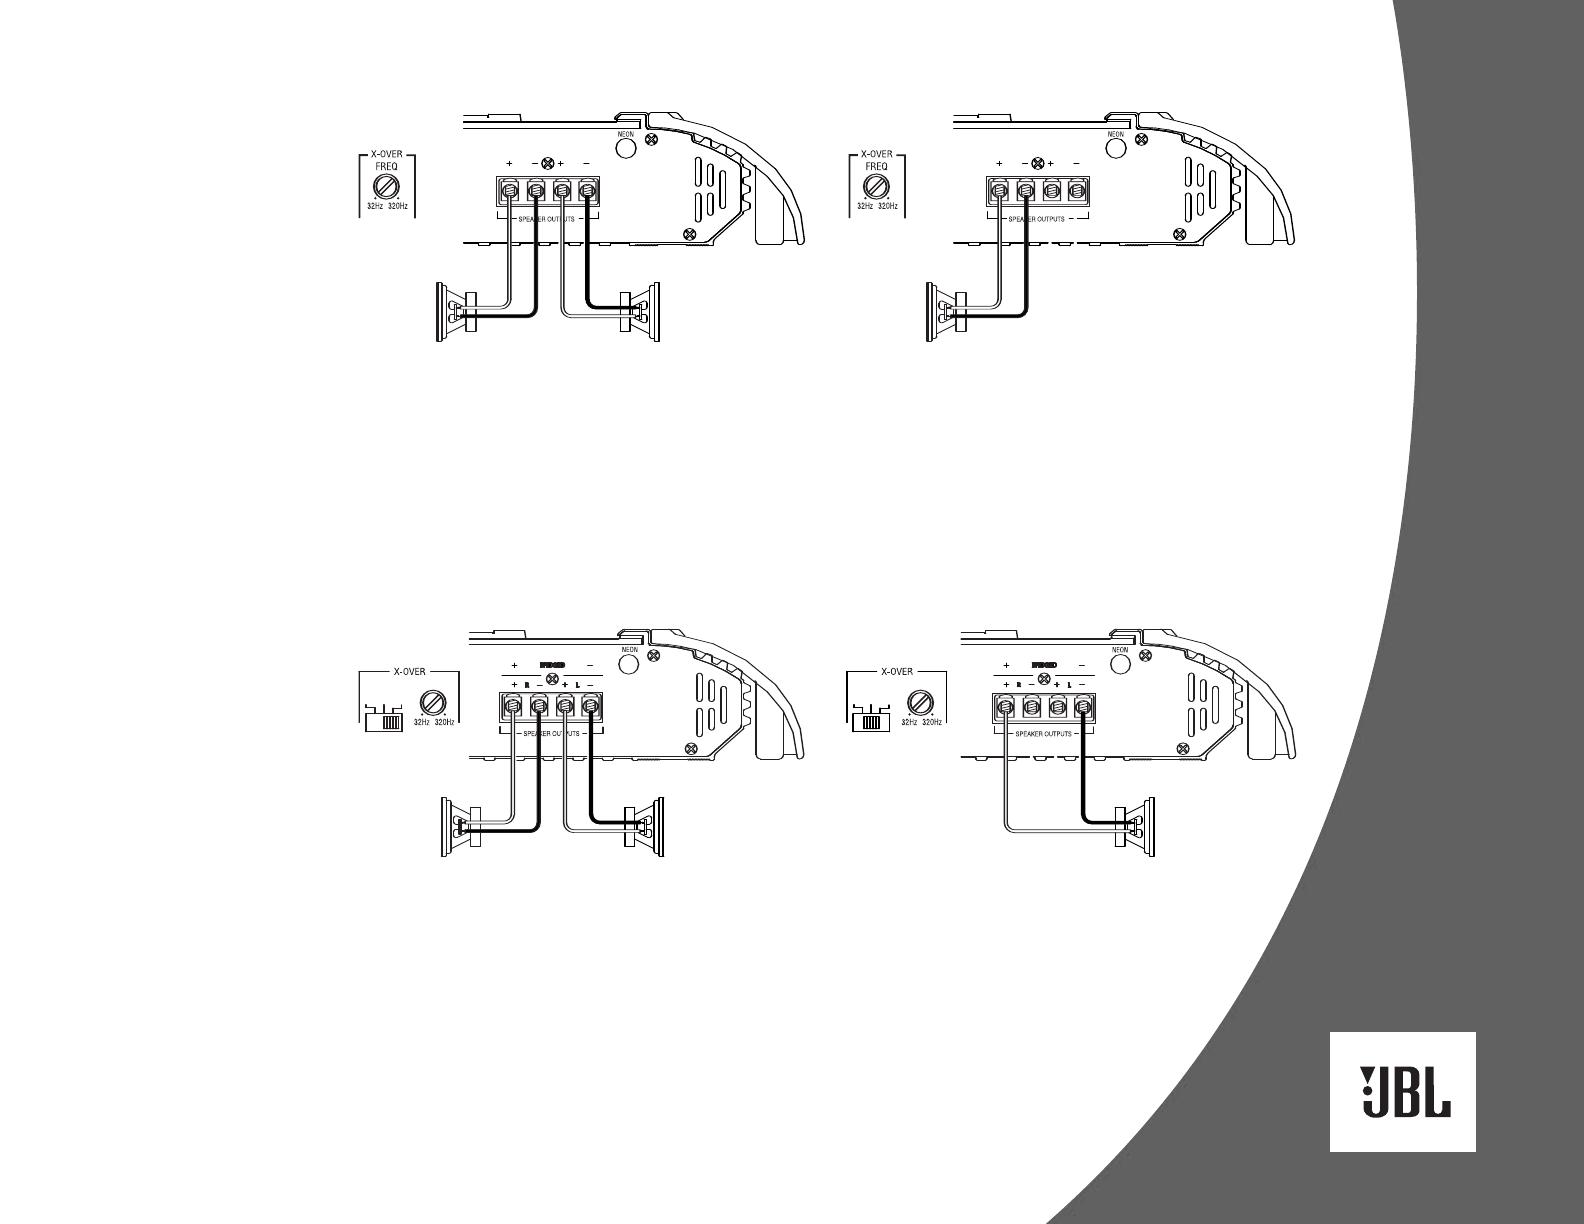 Handleiding JBL gto 601 1 ii (pagina 3 van 8) (English) on